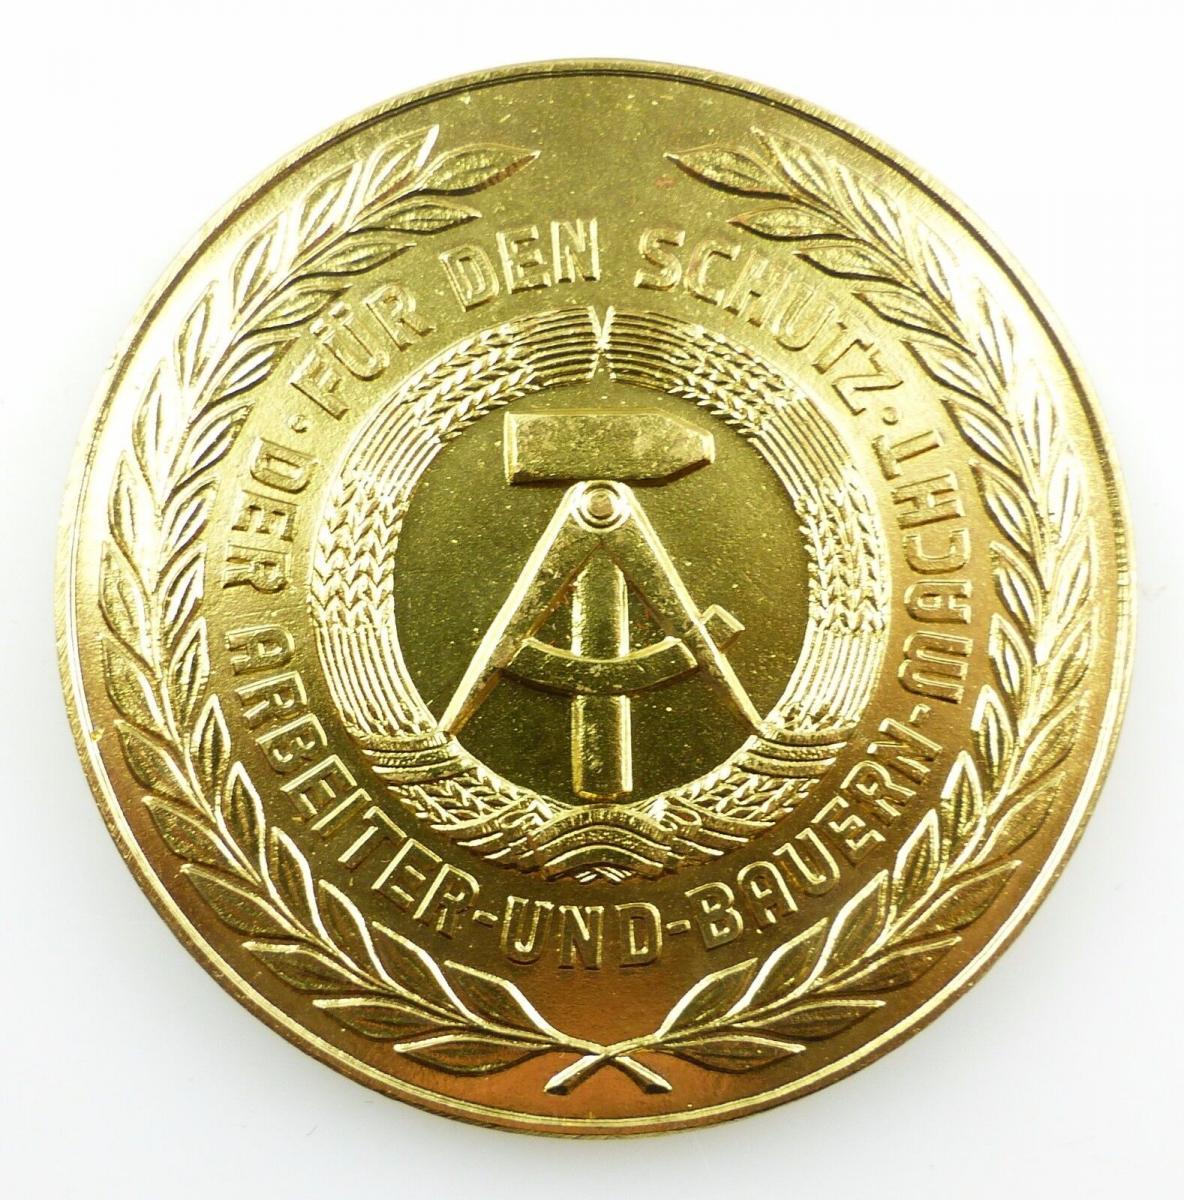 #e5461 Ehrengeschenk Medaille NVA Luftstreitkräfte Radar / Rakete / Jagdflieger 2